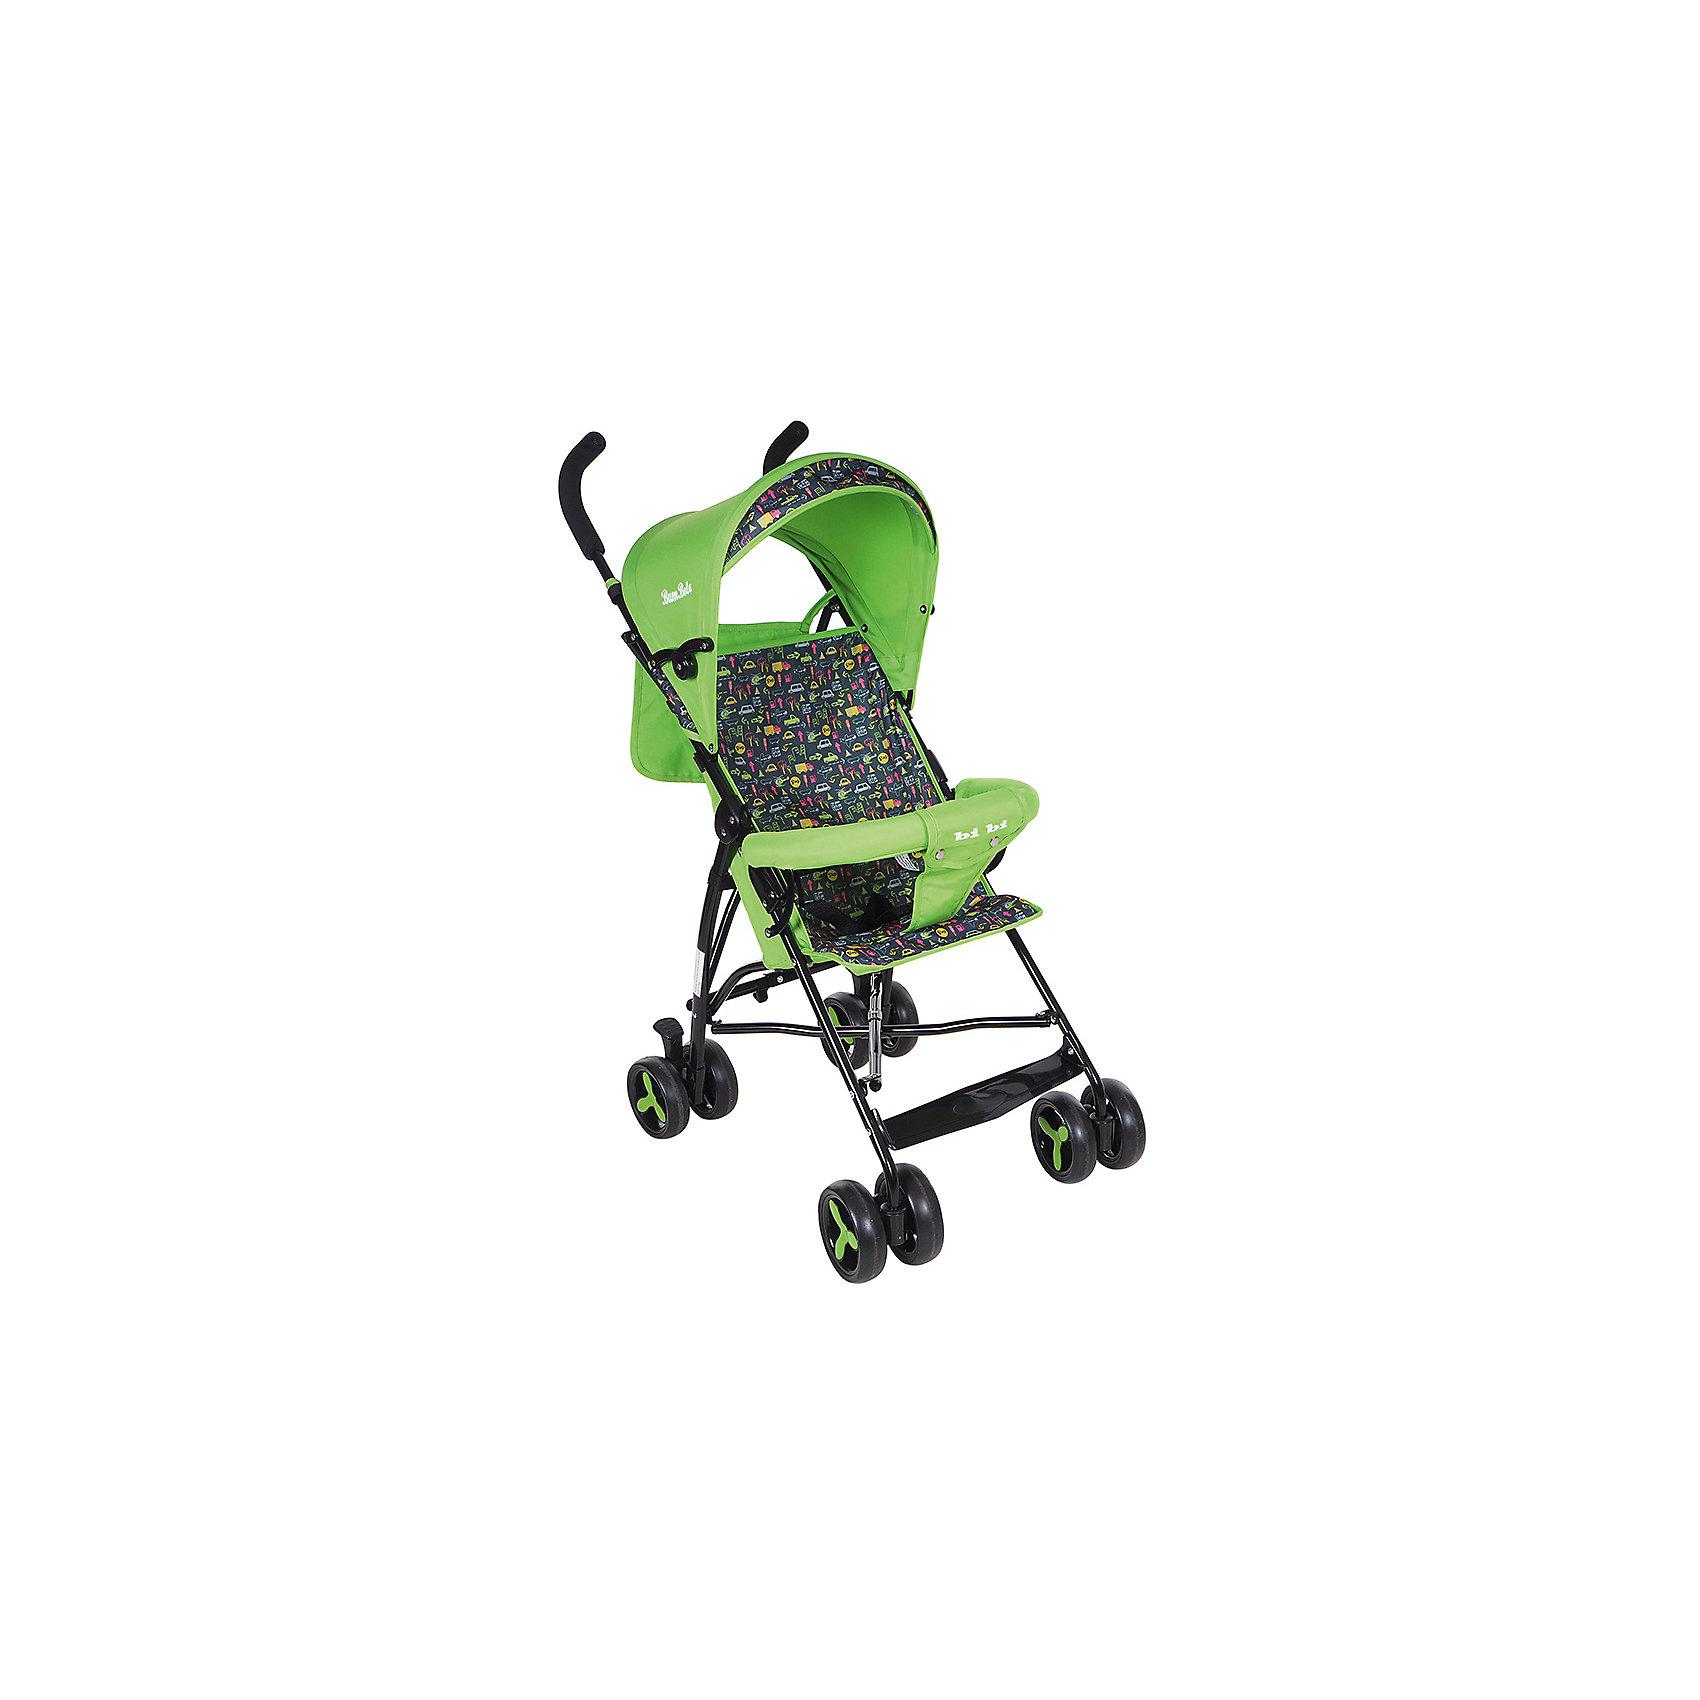 Коляска-трость Bambola BI-BI, зеленыйНедорогие коляски<br>Характеристики коляски-трости Bambola BI-BI<br><br>Прогулочный блок:<br><br>• спинка коляски находится в фиксированном положении: сидя;<br>• подножка находится в фиксированном положении;<br>• страховочный бампер фиксирован;<br>• имеется капюшон с солнцезащитным козырьком;<br>• 3-х точечные ремни безопасности.<br><br>Шасси коляски:<br><br>• сдвоенные колеса, ножной тормоз;<br>• диаметр колес: 15,5 см;<br>• дополнительная пластиковая гибкая подножка для подросшего малыша;<br>• механизм складывания: трость;<br>• материал: алюминий, пластик, полиэстер.<br><br>Размер коляски: 80х48х110 см<br>Размер коляски в сложенном виде: 30х40х104 см<br>Вес коляски: 5 кг<br>Вес упаковки: 5,13 кг<br><br>Коляску-трость BI-BI, Bambola, цвет зеленый можно купить в нашем интернет-магазине.<br><br>Ширина мм: 300<br>Глубина мм: 400<br>Высота мм: 1040<br>Вес г: 5130<br>Возраст от месяцев: 8<br>Возраст до месяцев: 36<br>Пол: Унисекс<br>Возраст: Детский<br>SKU: 5559174